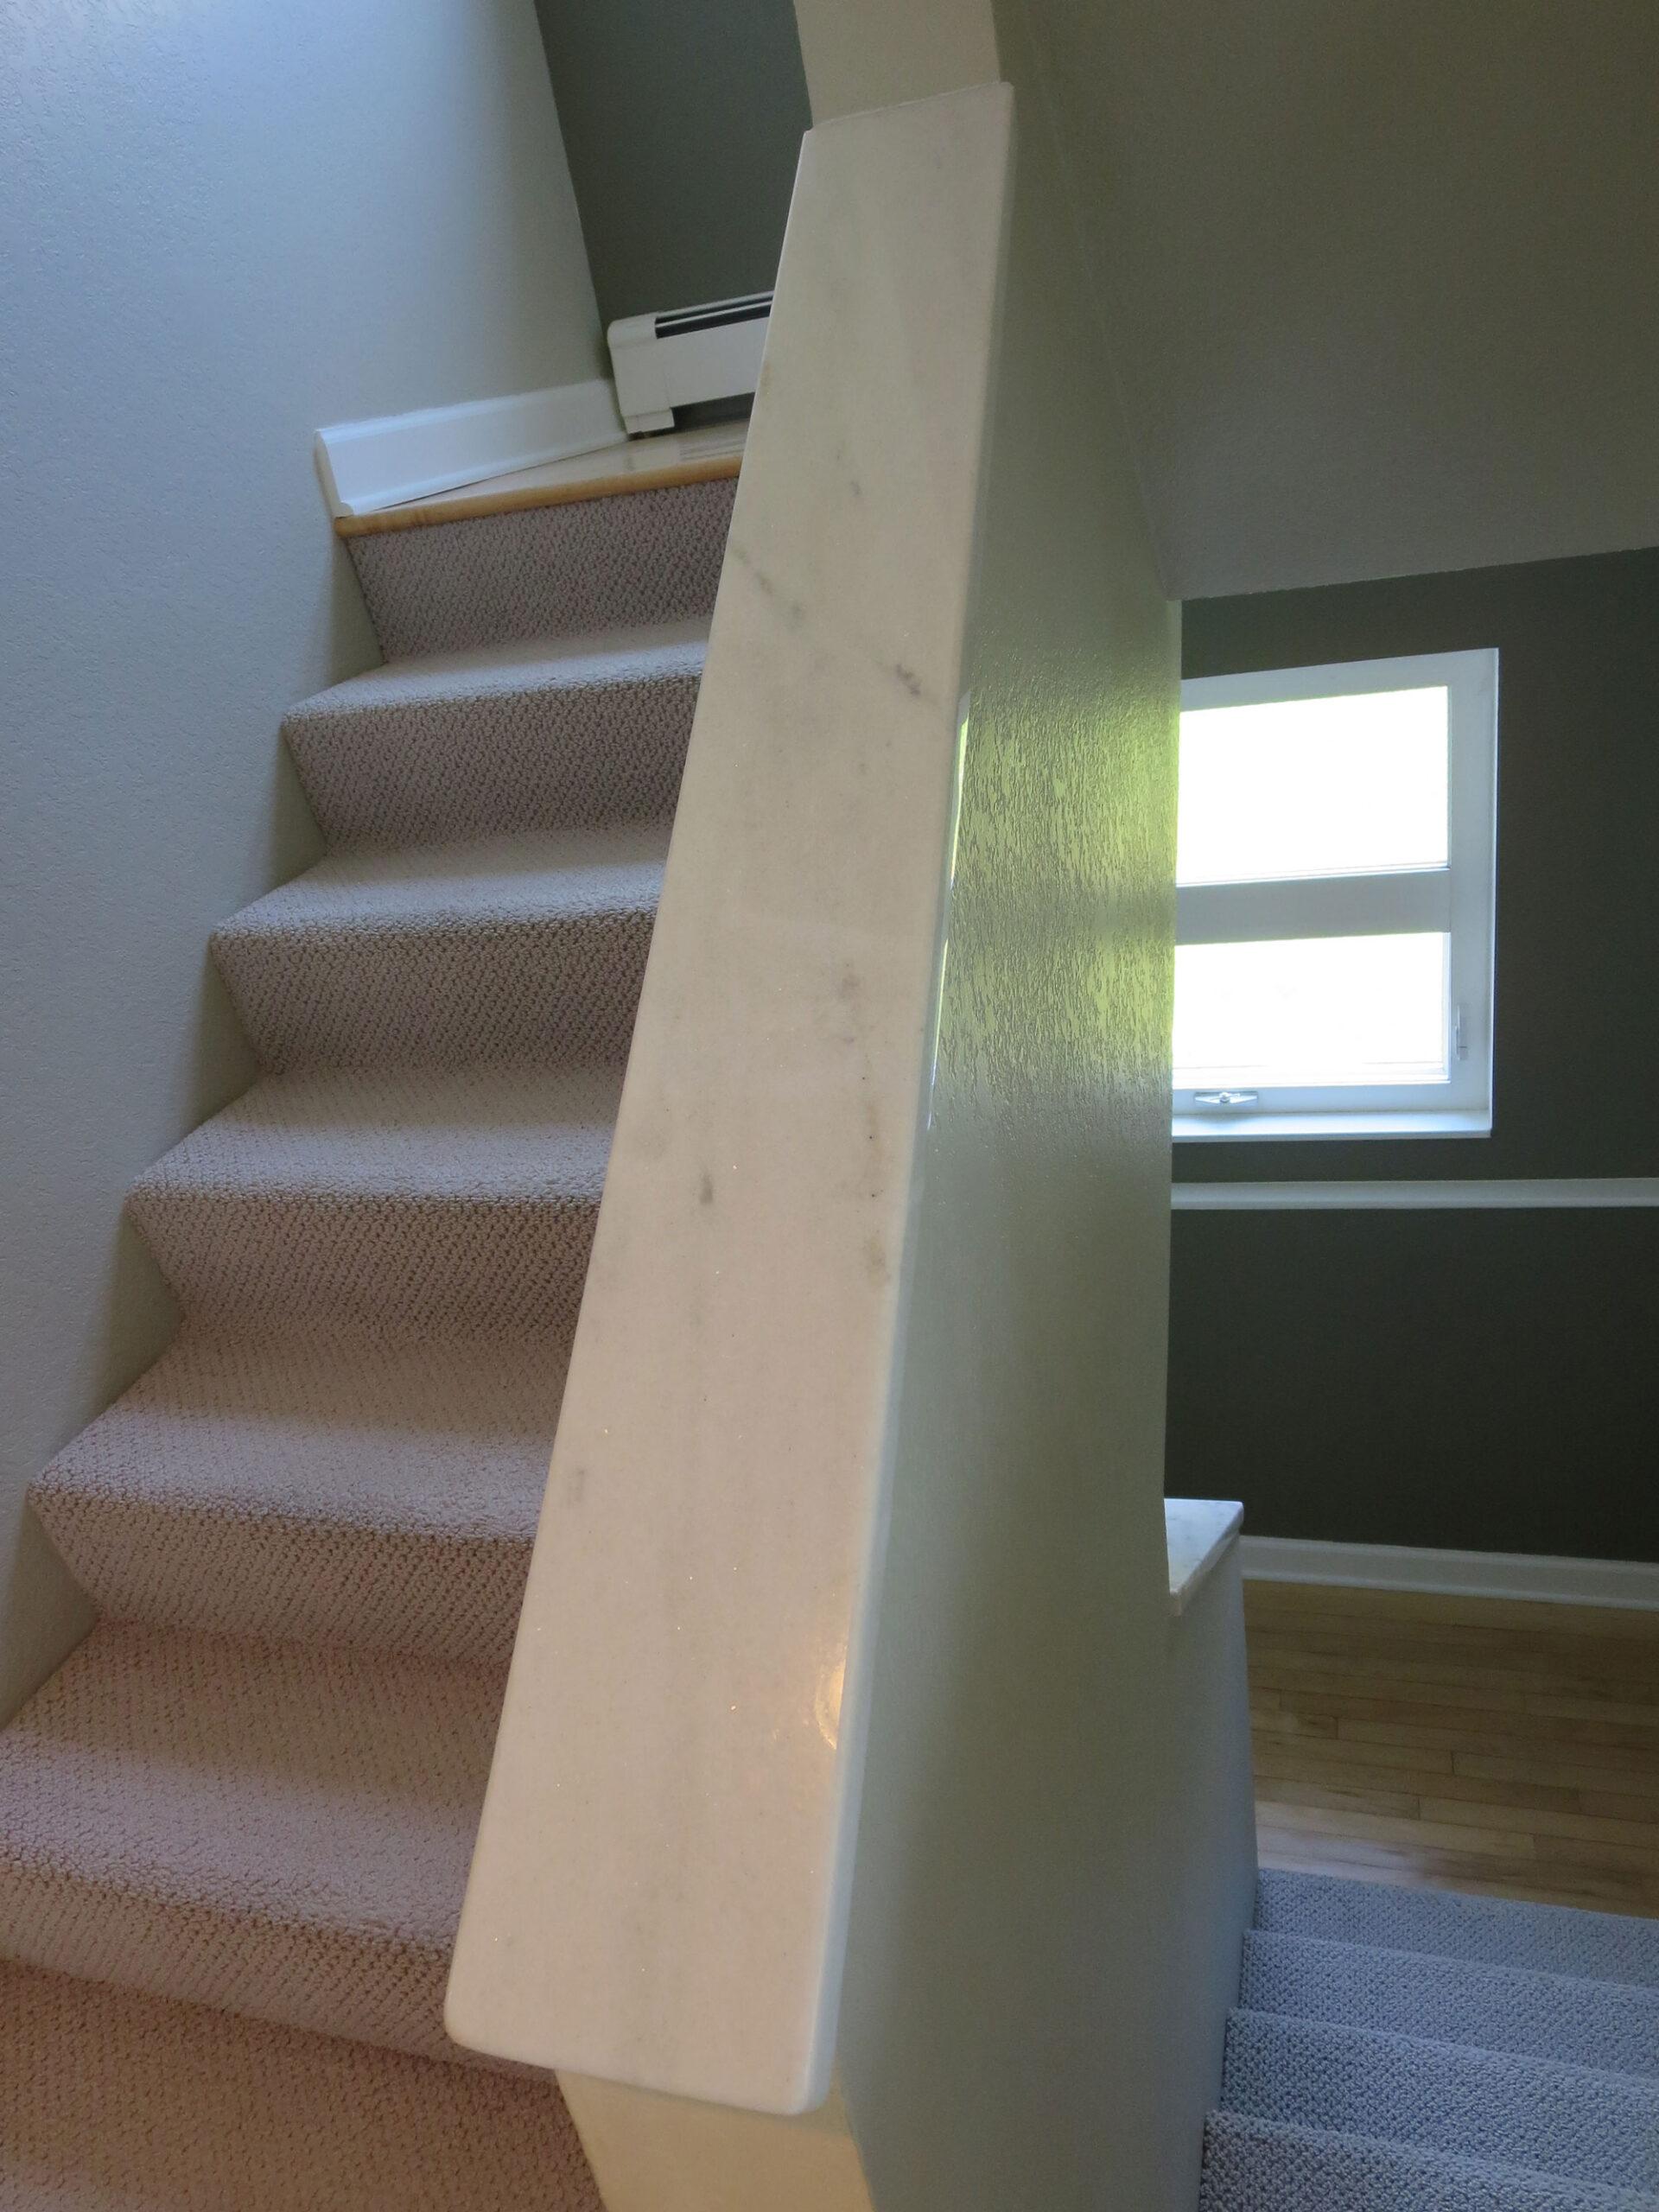 Carrara Marble Honed Staircase Rail